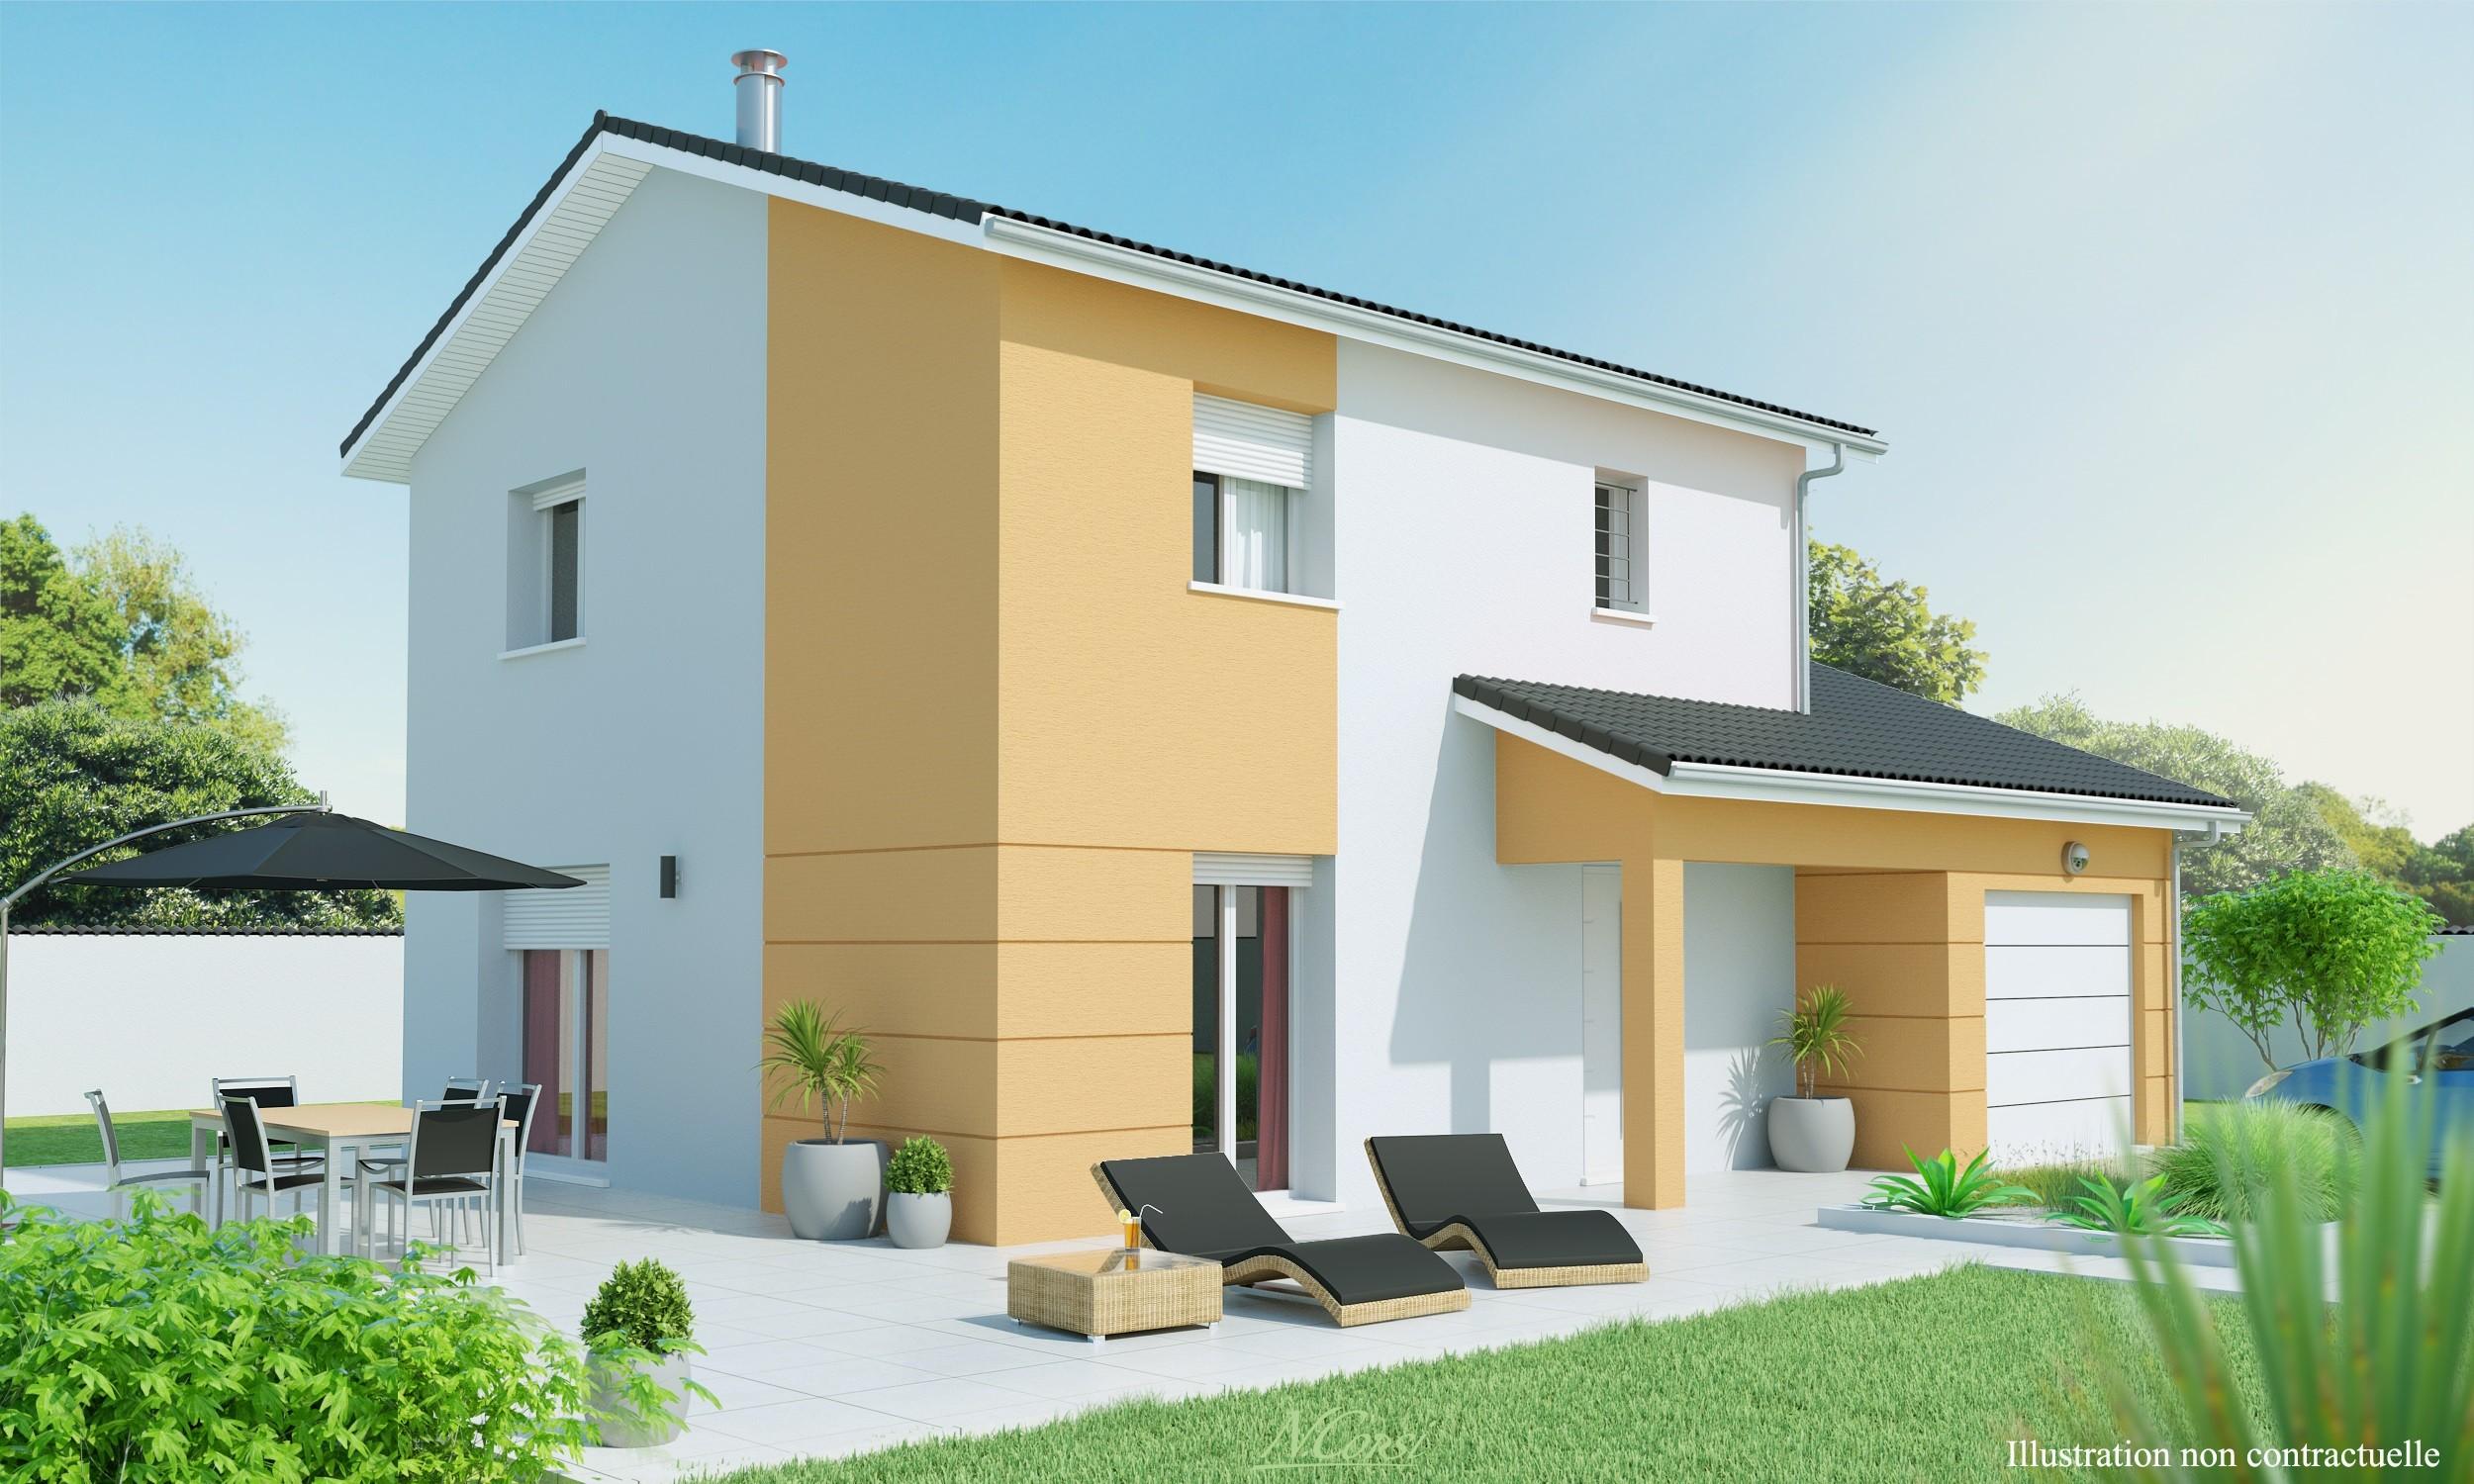 Maisons + Terrains du constructeur MAISONS AXIAL • 90 m² • JULIENAS